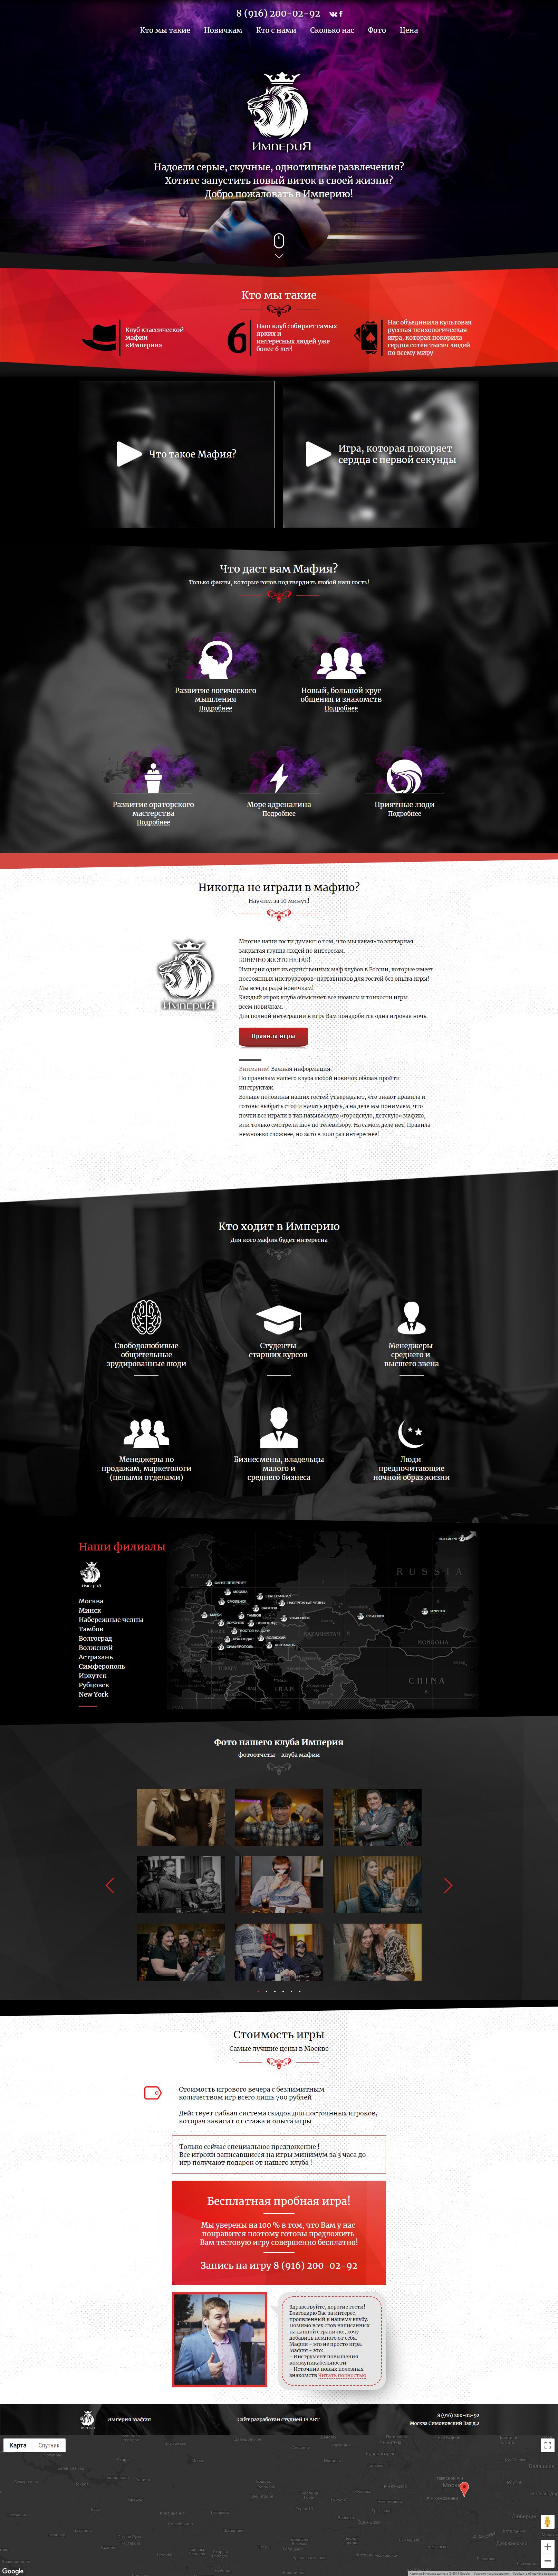 Макет сайта Сайт для маф клуба Империя 1